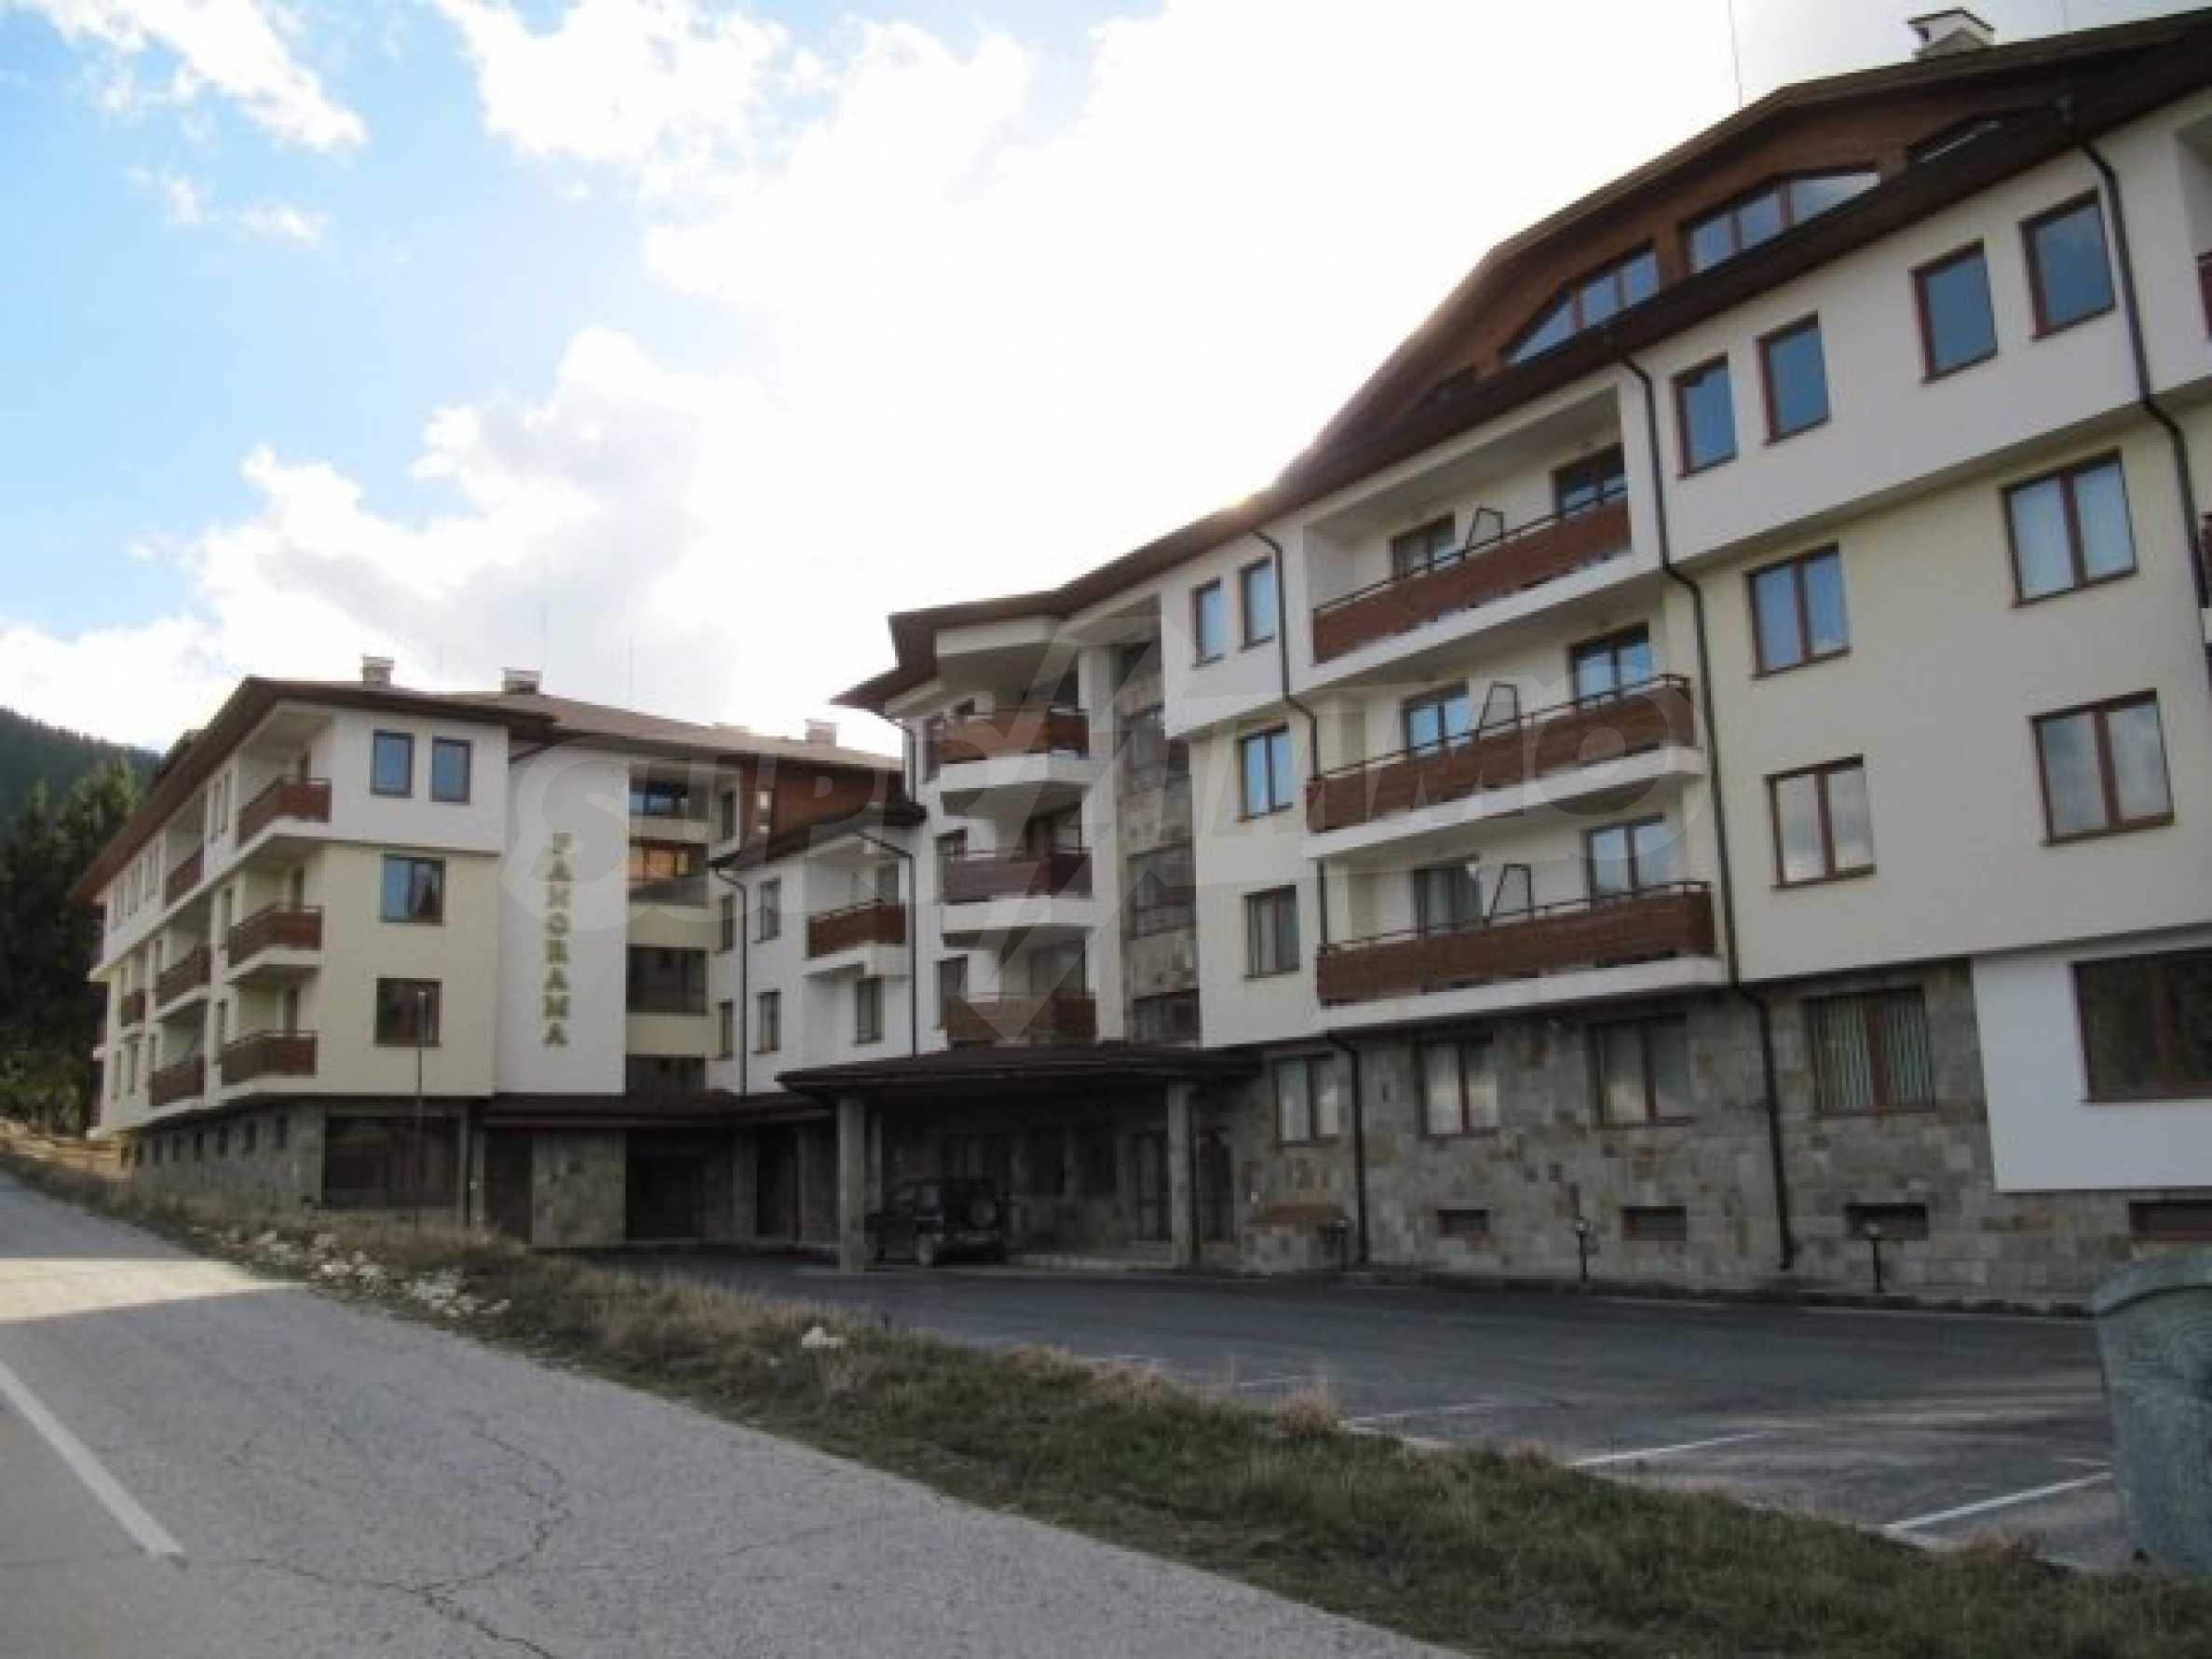 Ferienimmobilie in der Nähe des Skigebiets Pamporovo 23